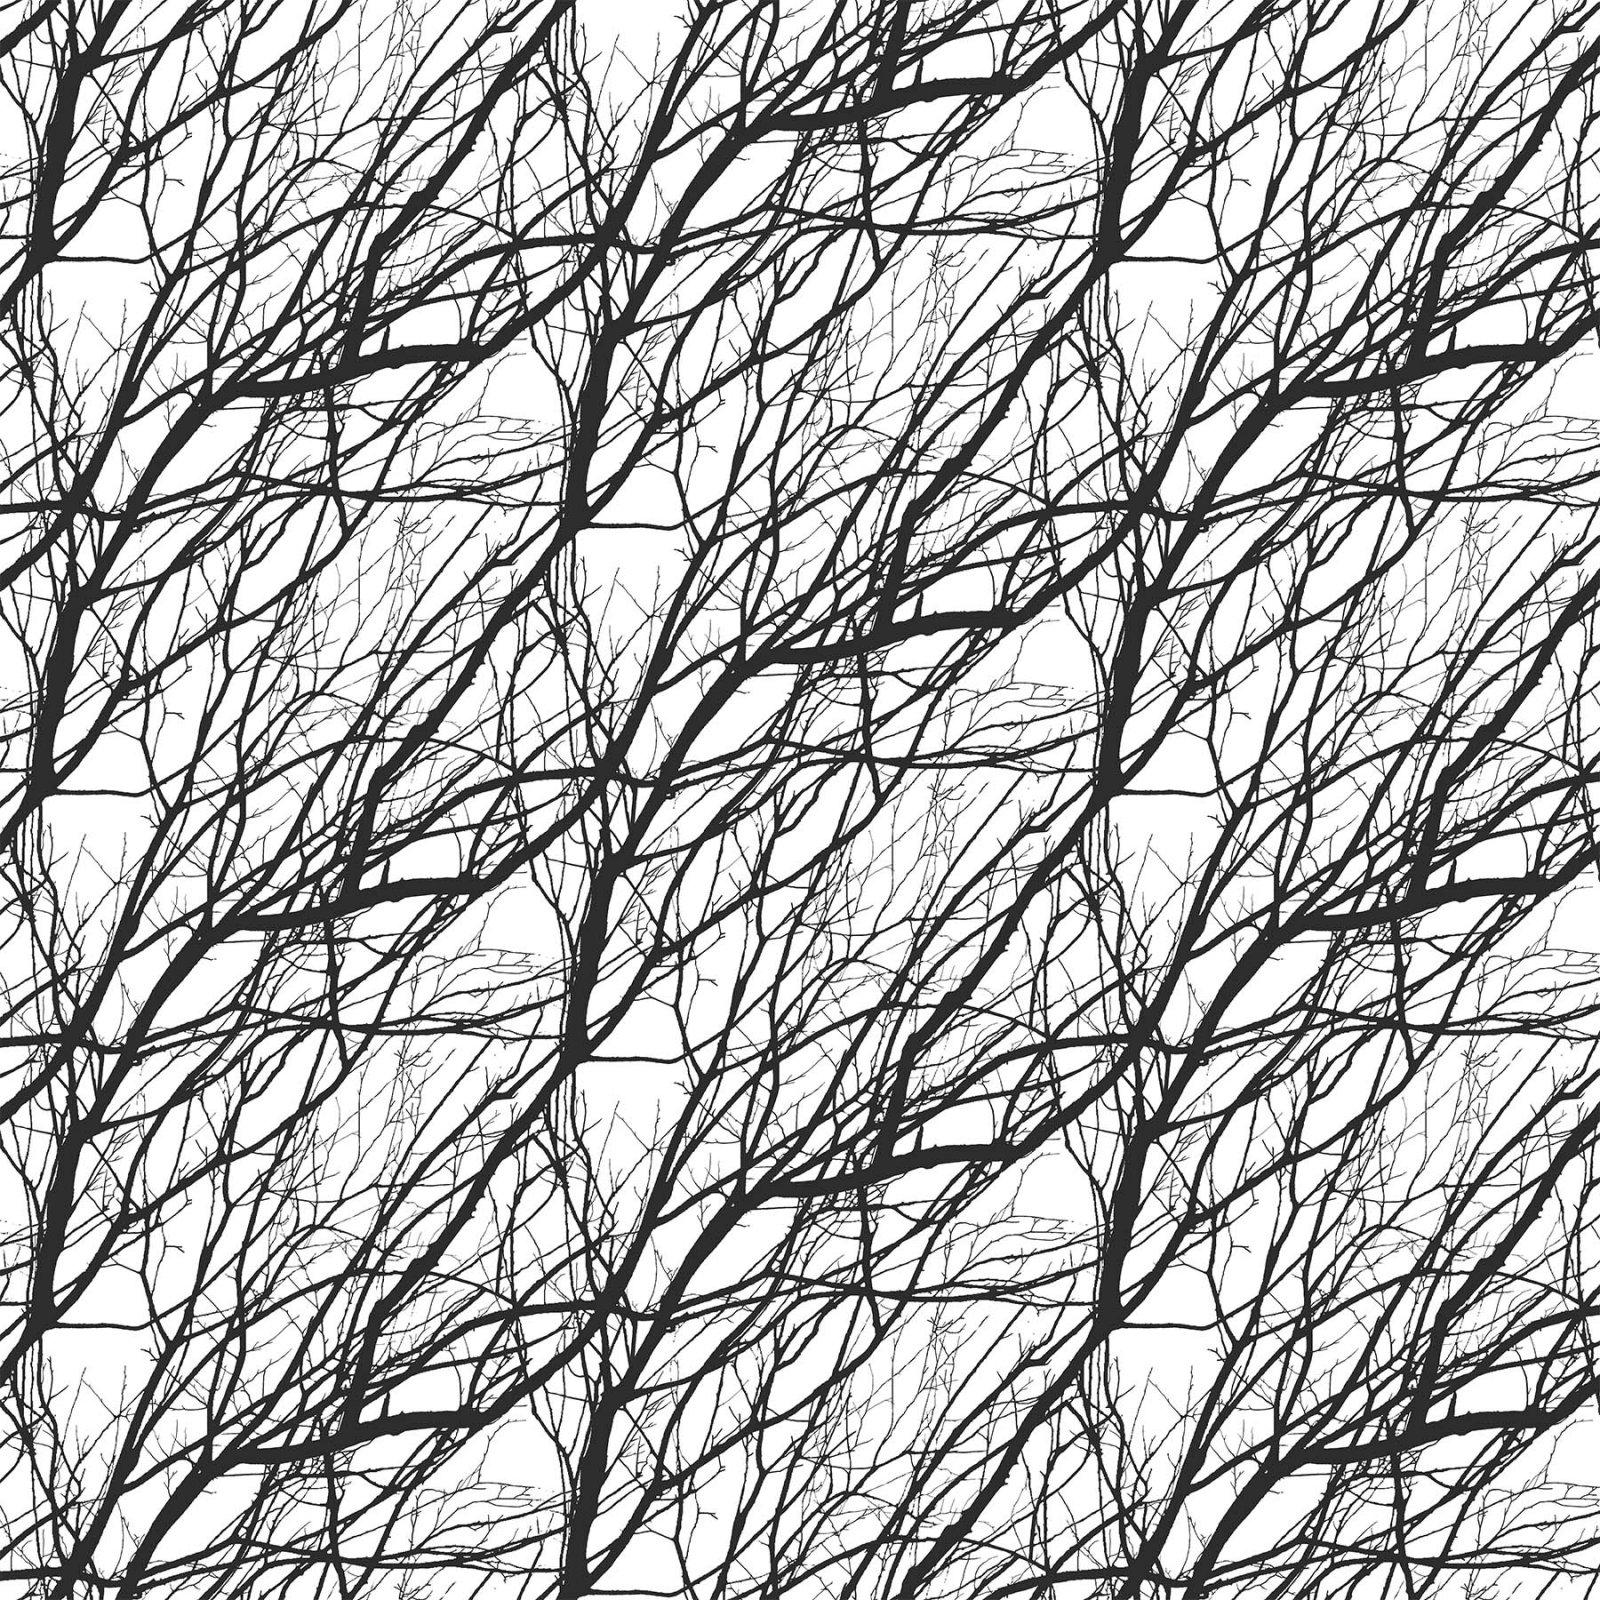 Silhouette Branches Black/White